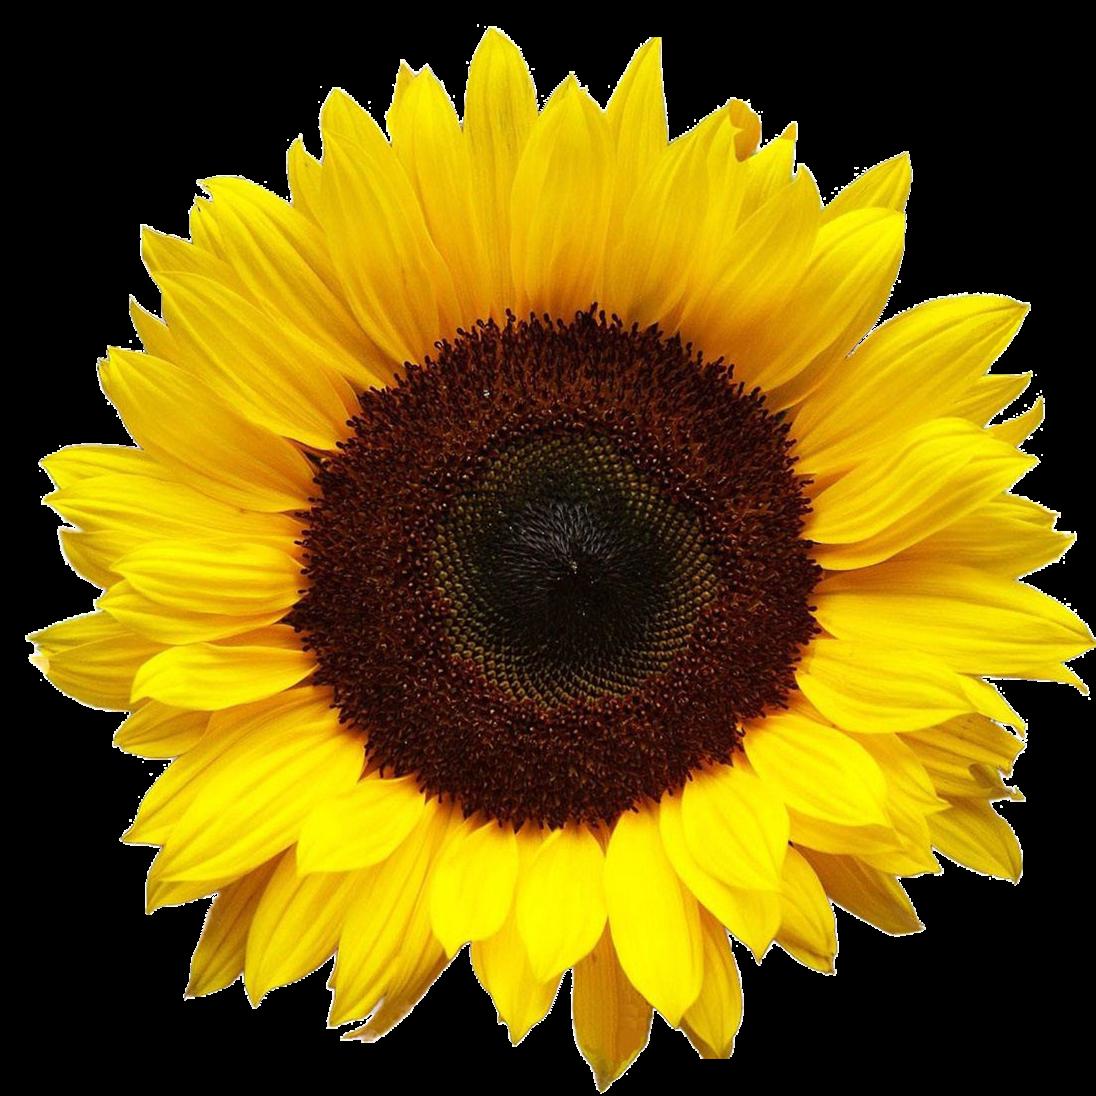 Sunflower pics qygjxz x. Sun flower png